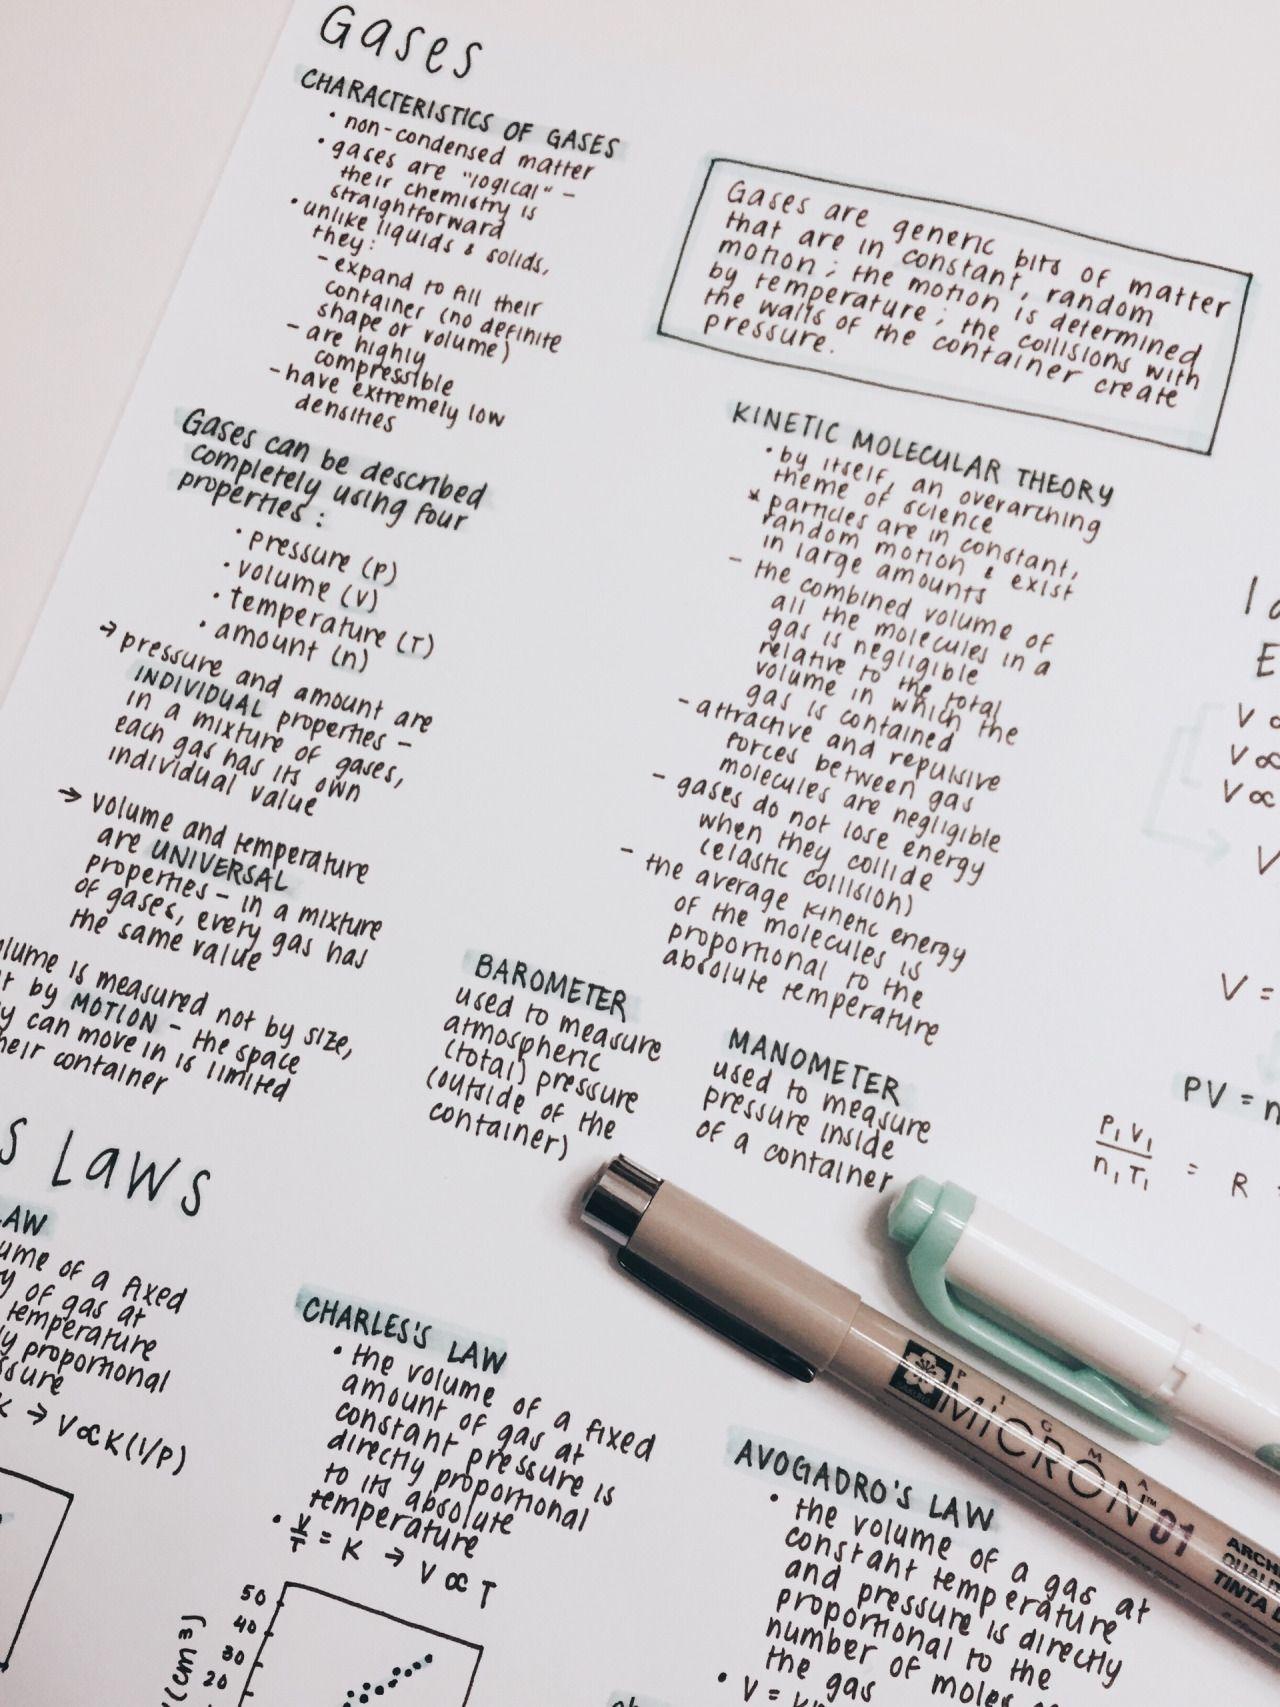 law of definite properties